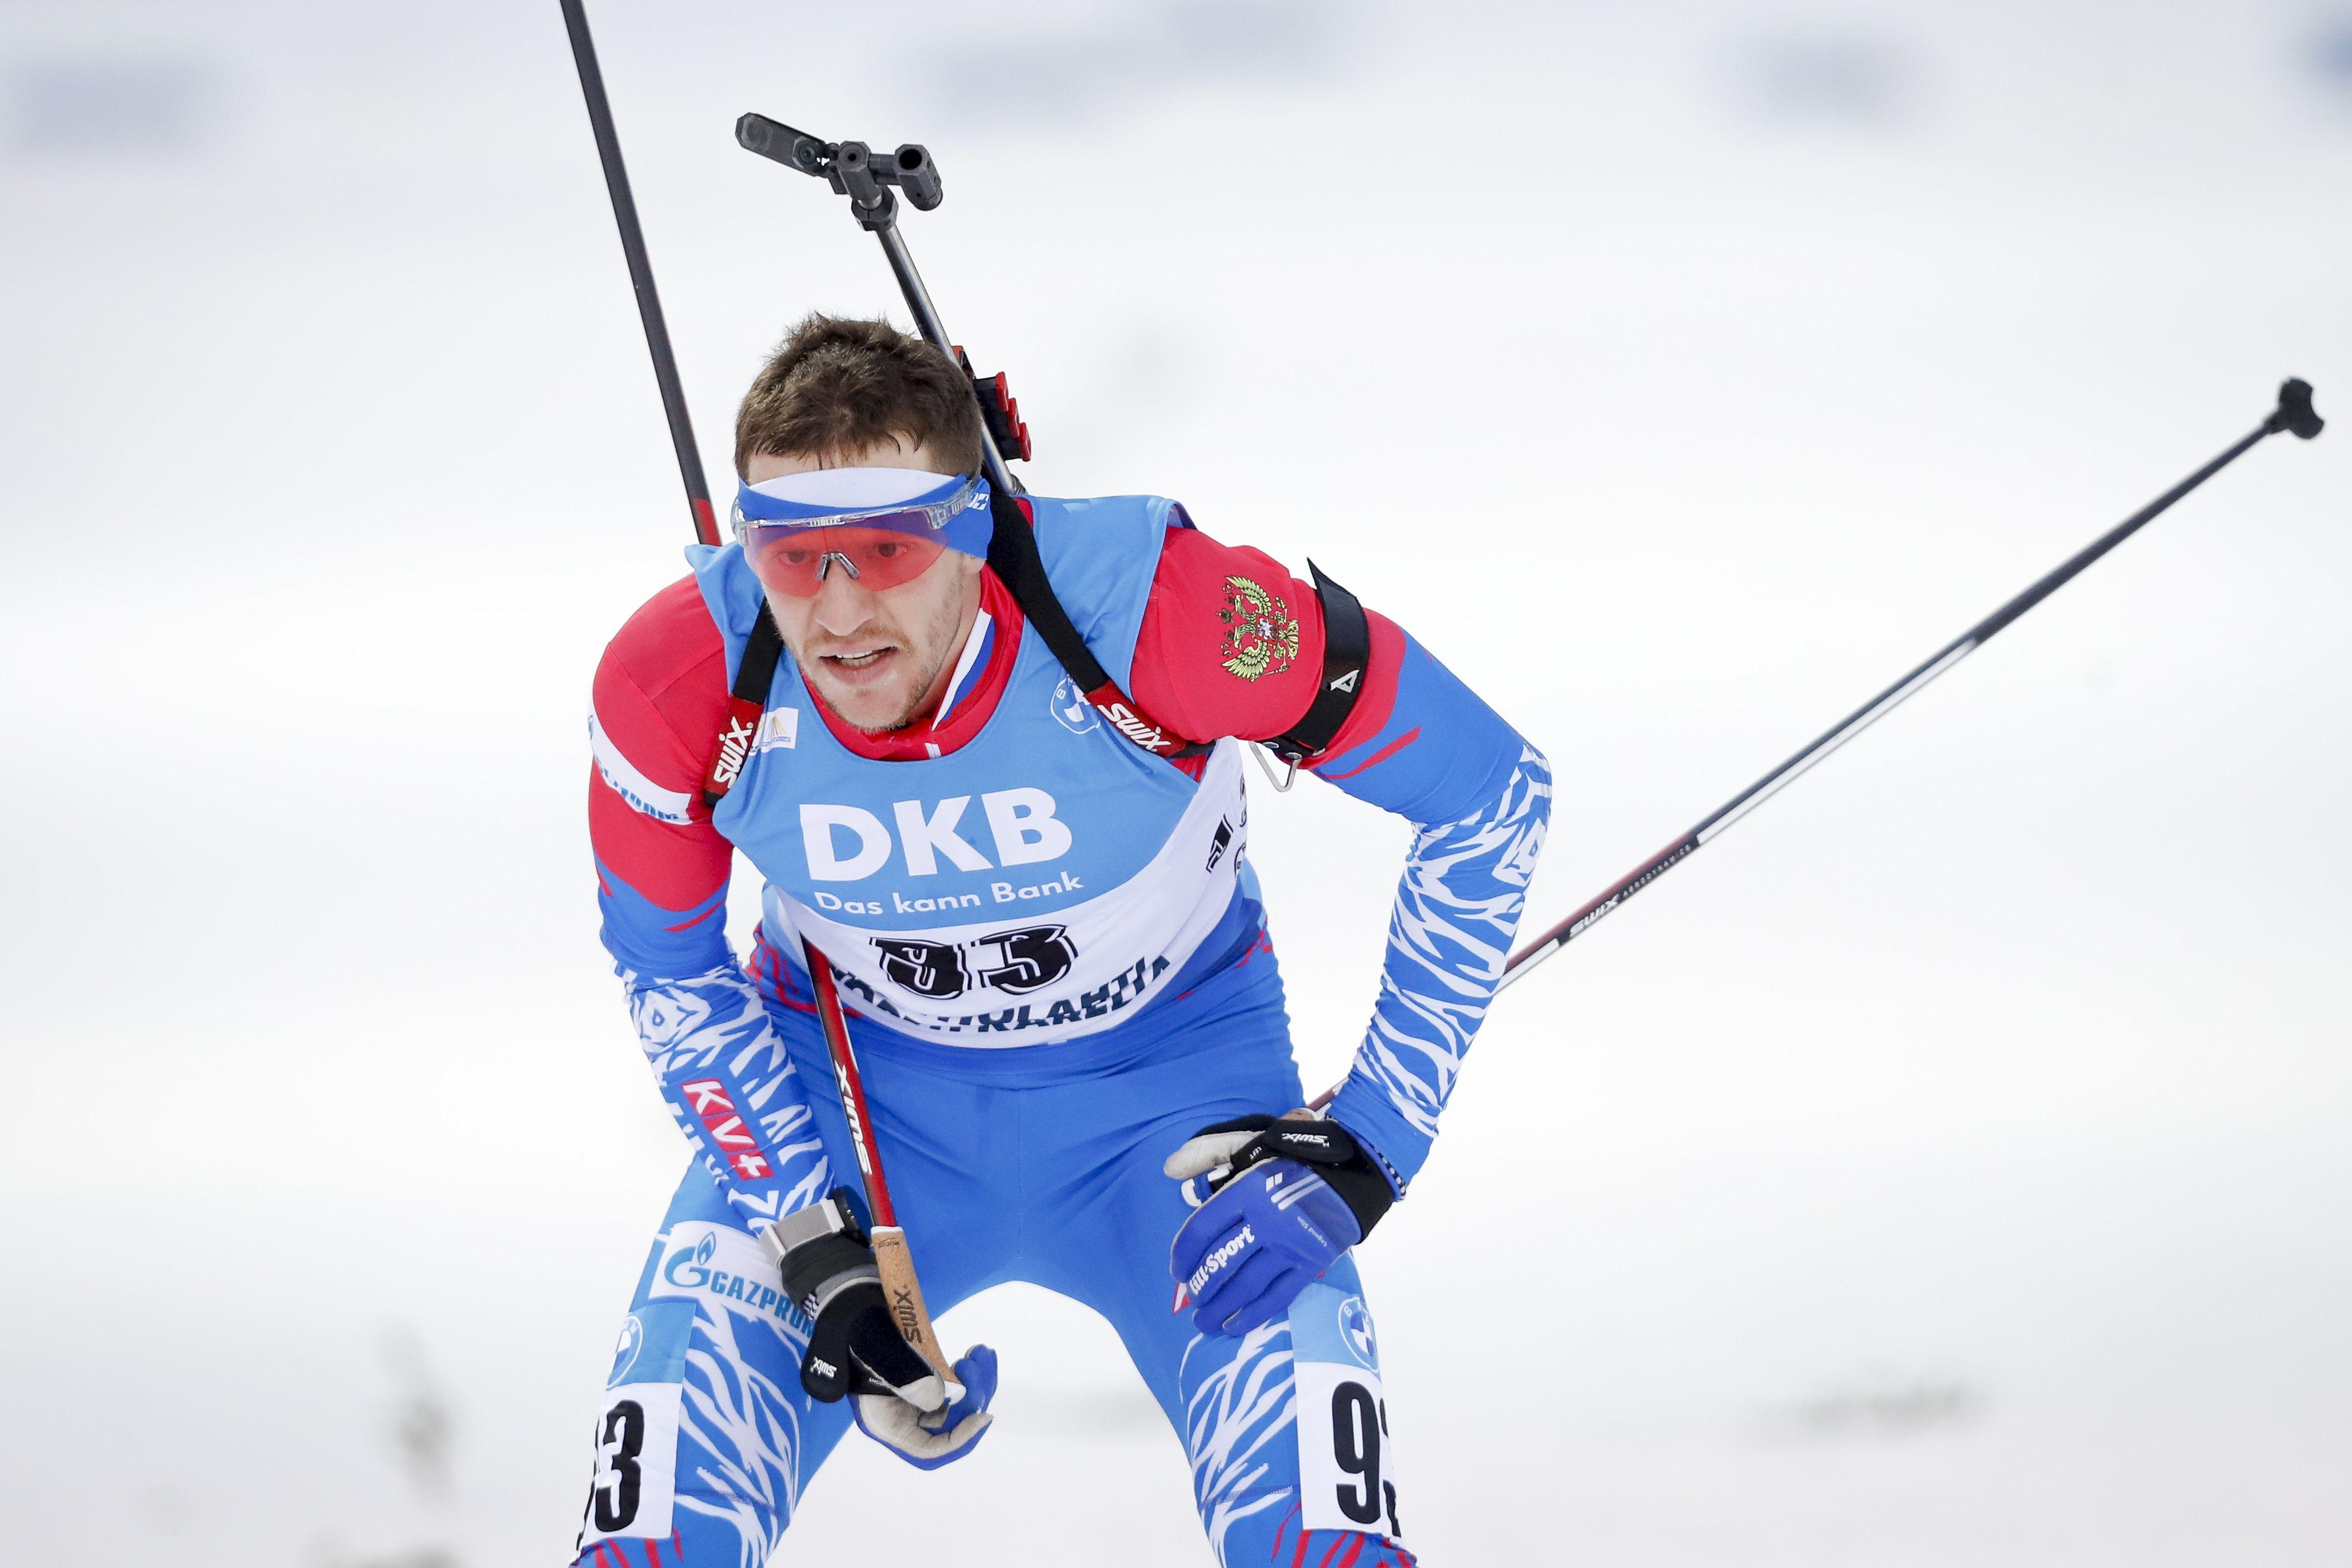 Сучилова лишили третьего места в гонке преследования на чемпионате России по биатлону